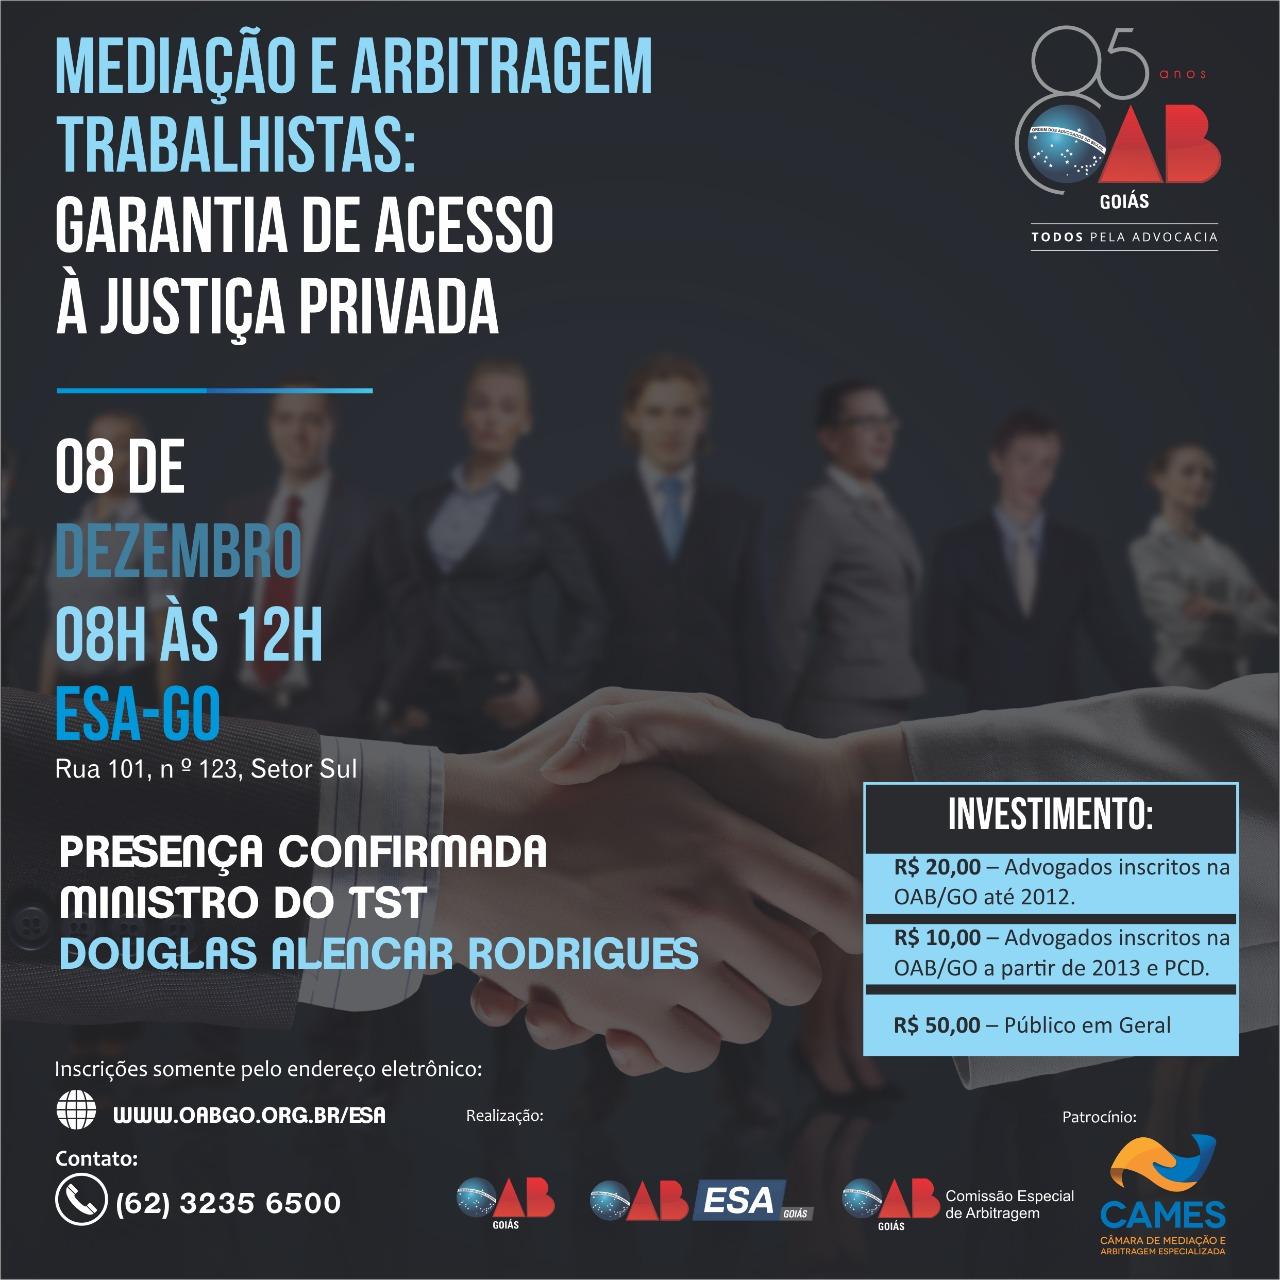 08.12 - Mediação e Arbitragem Trabalhistas: Garantia de Acesso à Justiça Privada